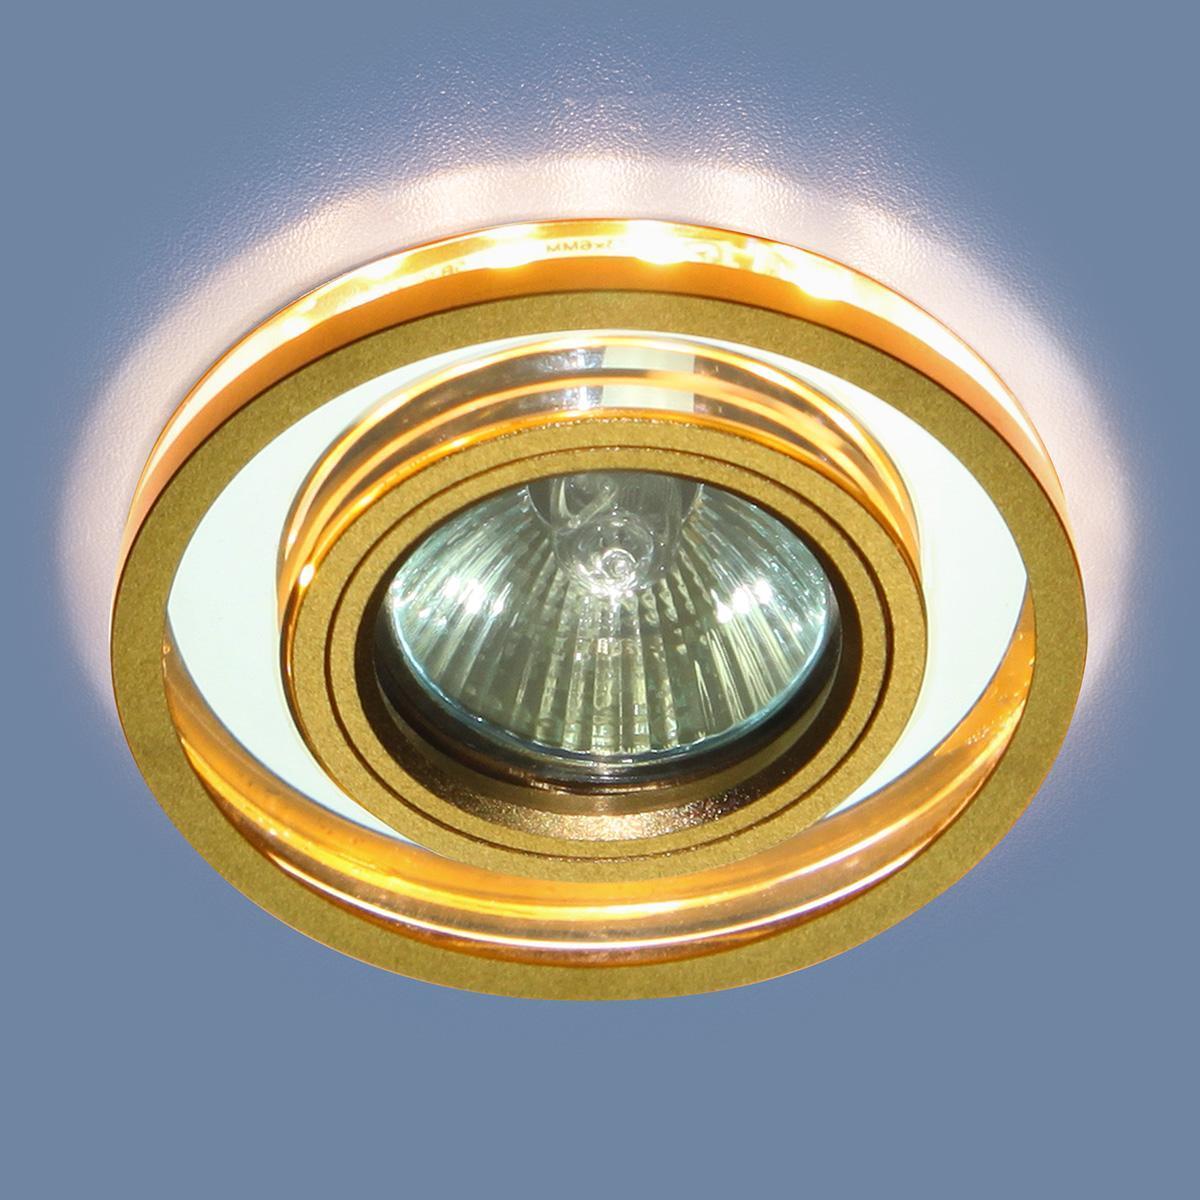 Встраиваемый светильник Elektrostandard 7021 MR16 SL/GD зеркальный/золото 4690389099359